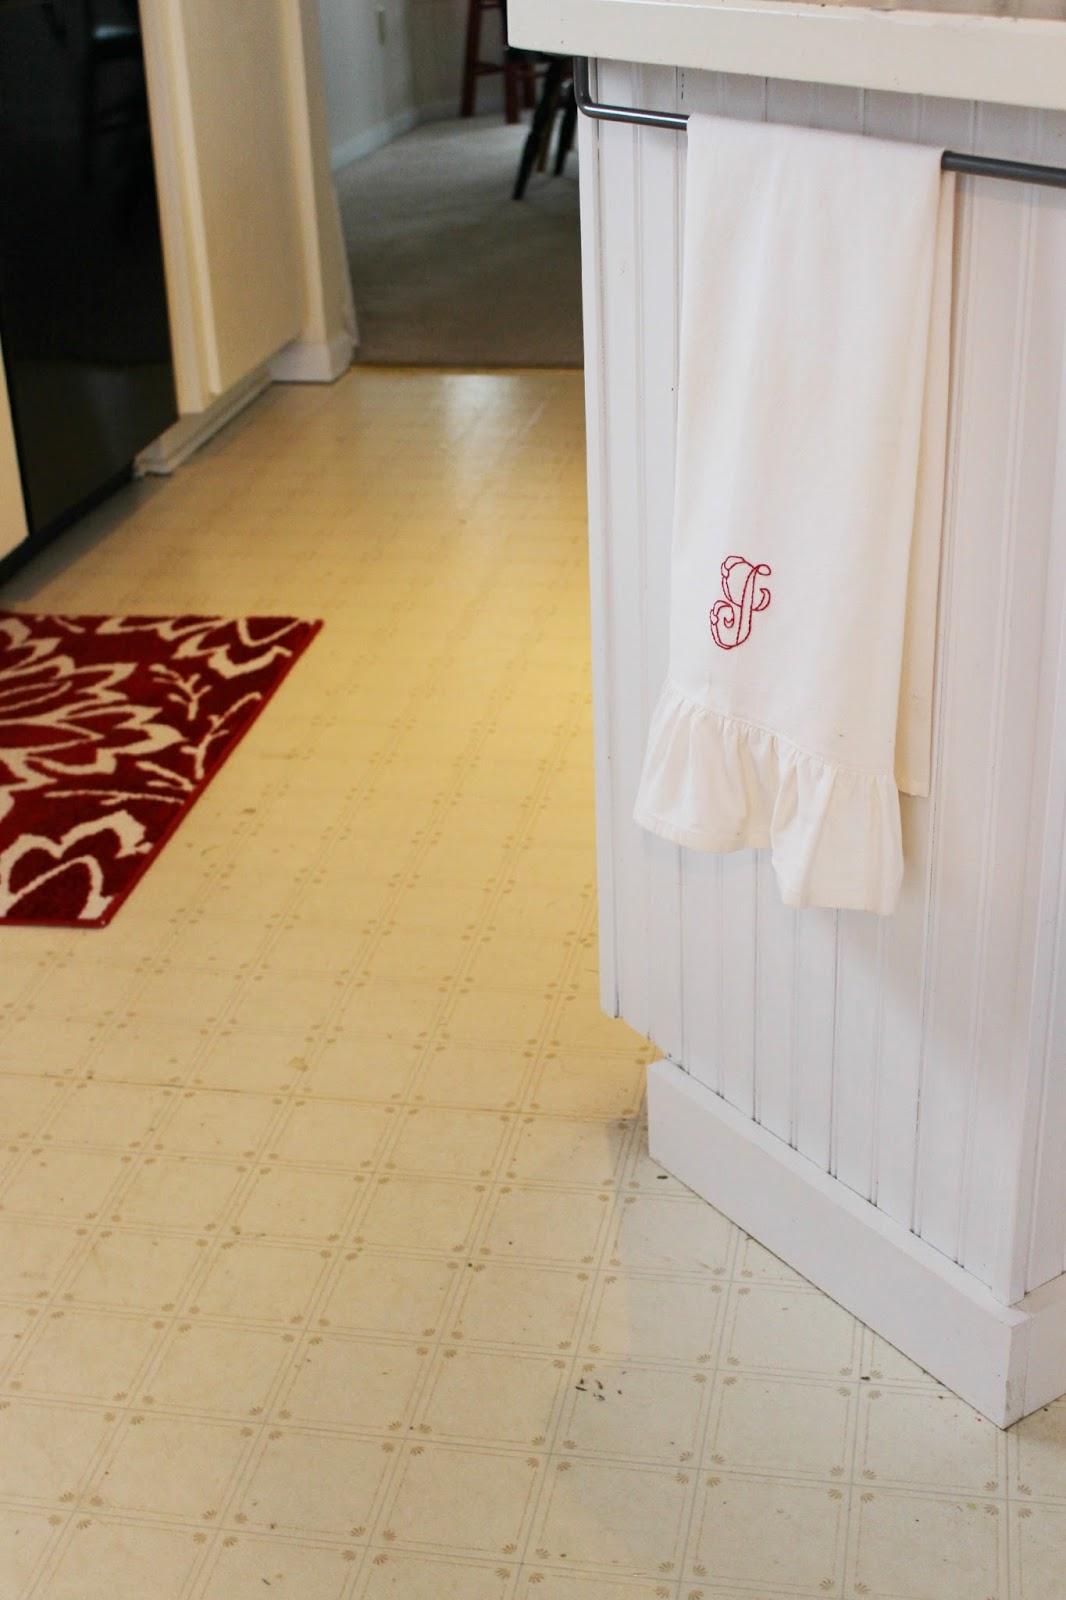 http://2.bp.blogspot.com/-9GmSP3ed5qE/VMoaqpd0uXI/AAAAAAAAMs0/5qgJHAFkZ6I/s1600/towel7.JPG